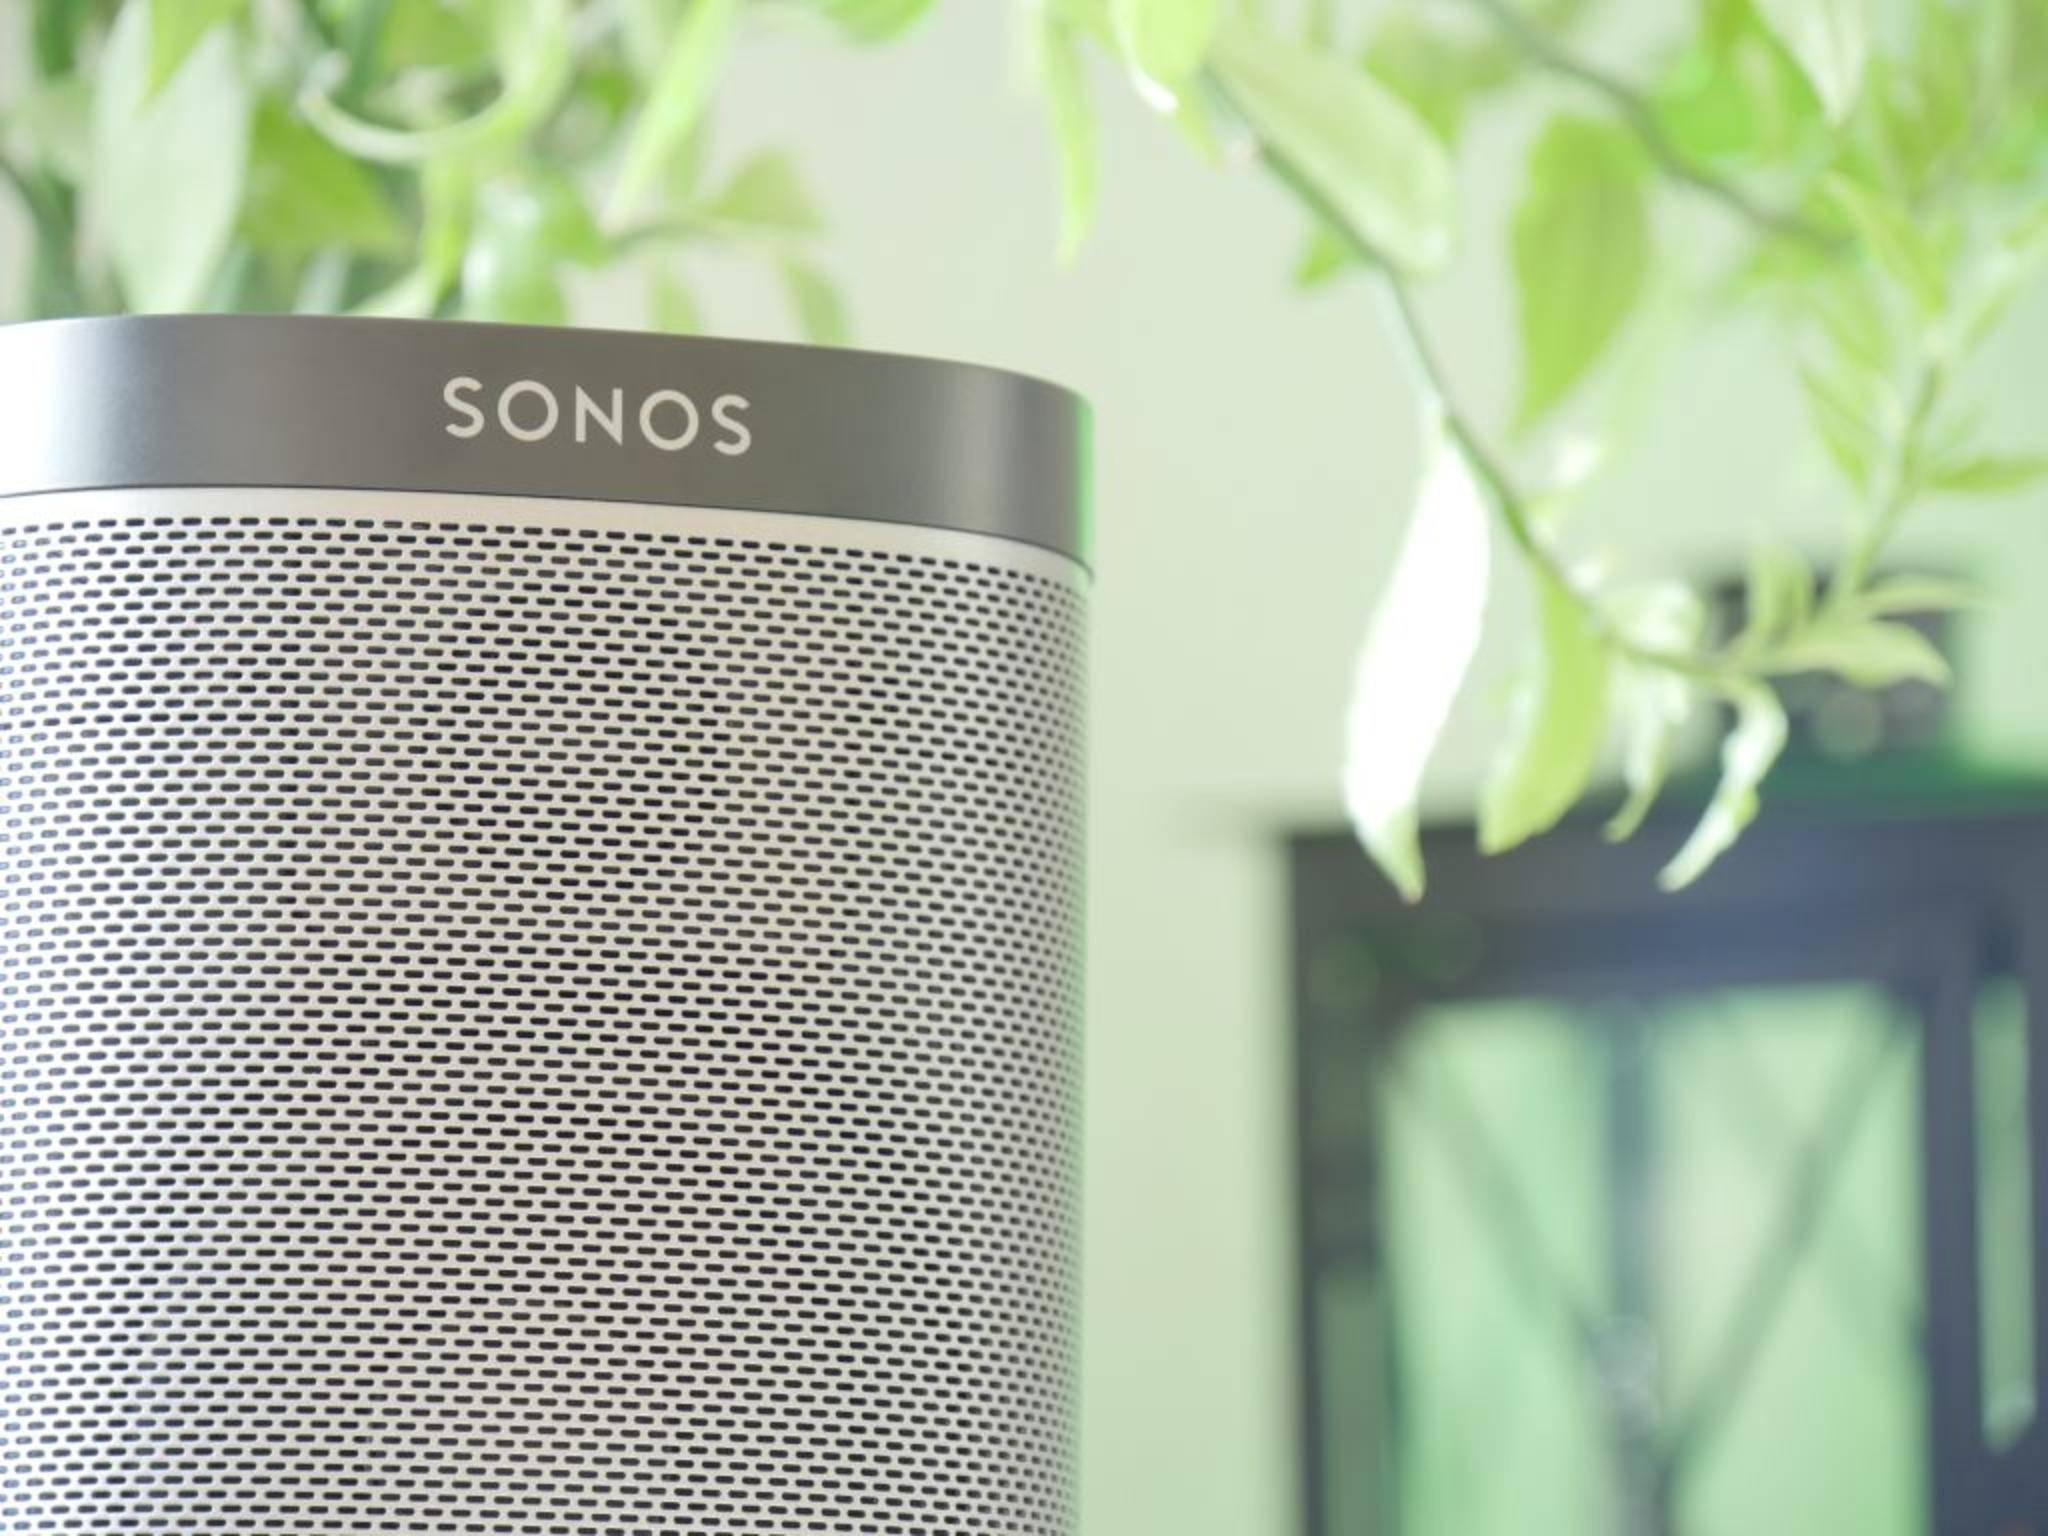 Kompakter Lautsprecher mit elegantem Look: der Sonos Play 1.